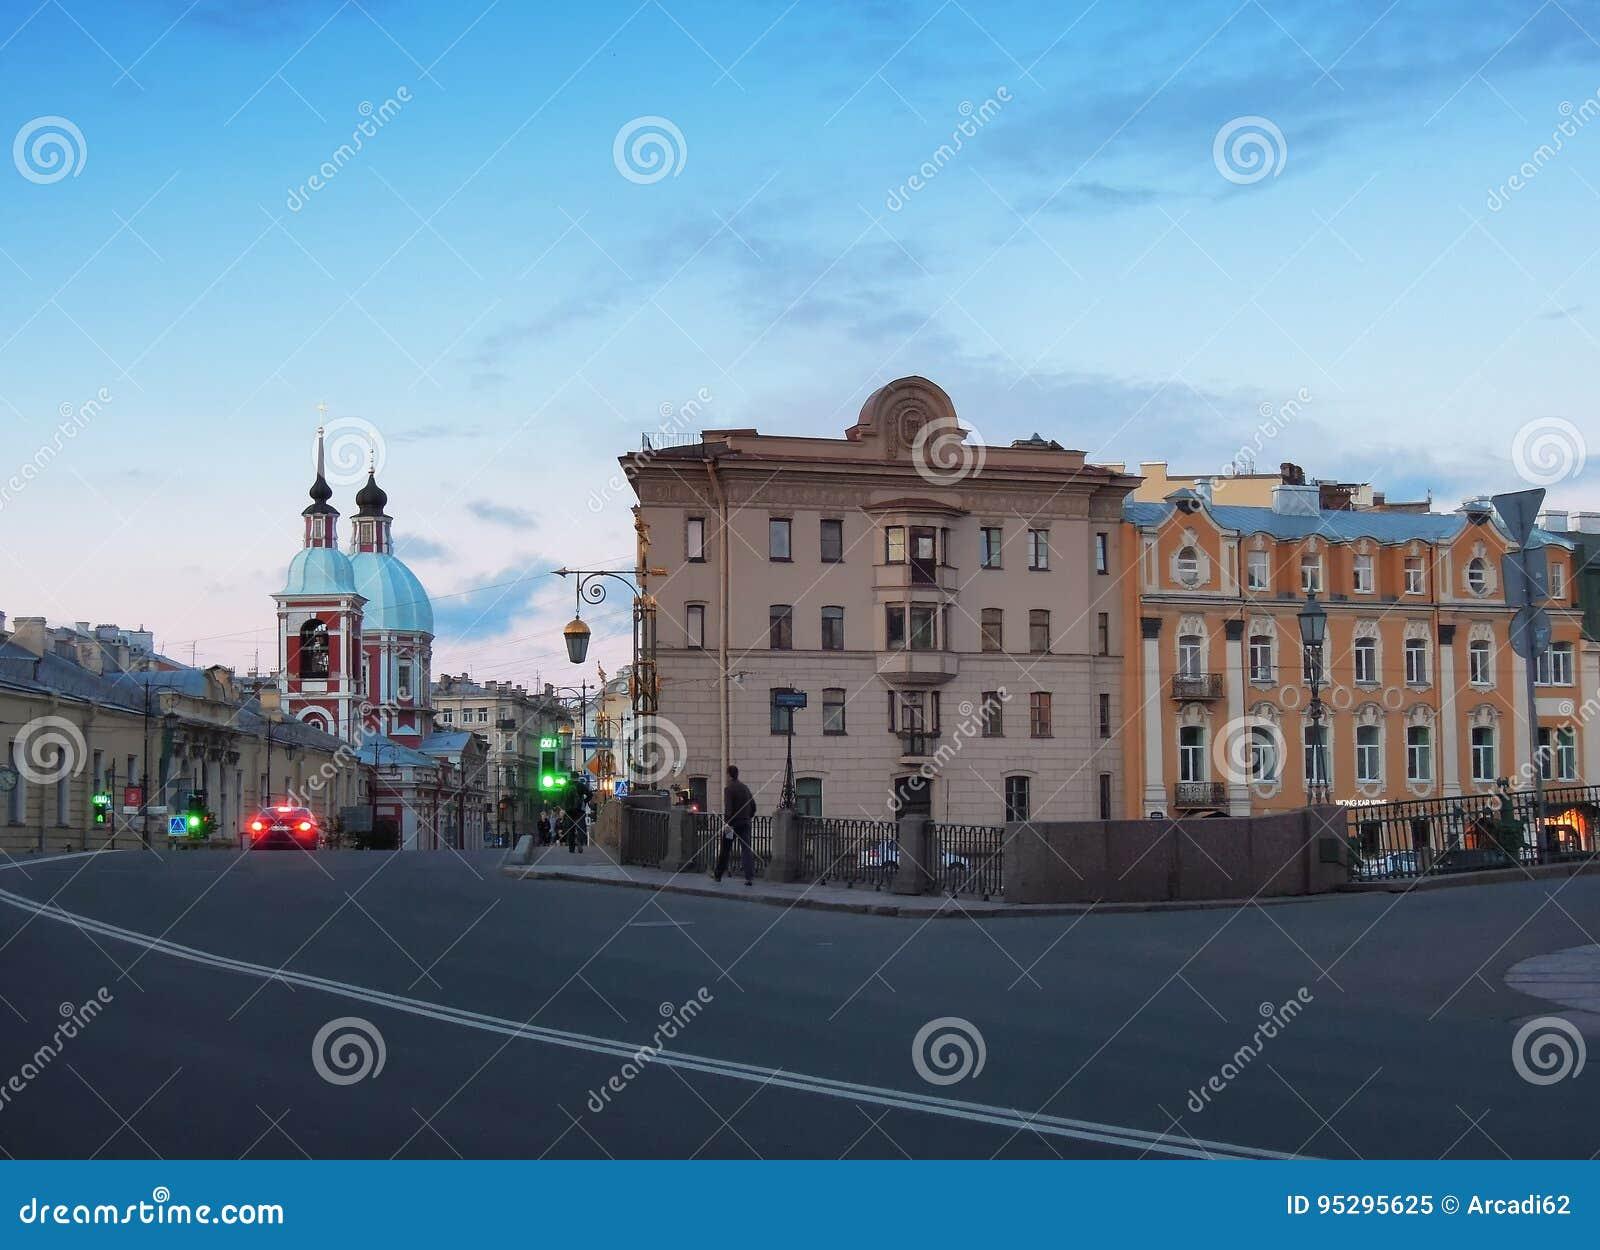 大教堂圆屋顶isaac ・彼得斯堡俄国s圣徒st